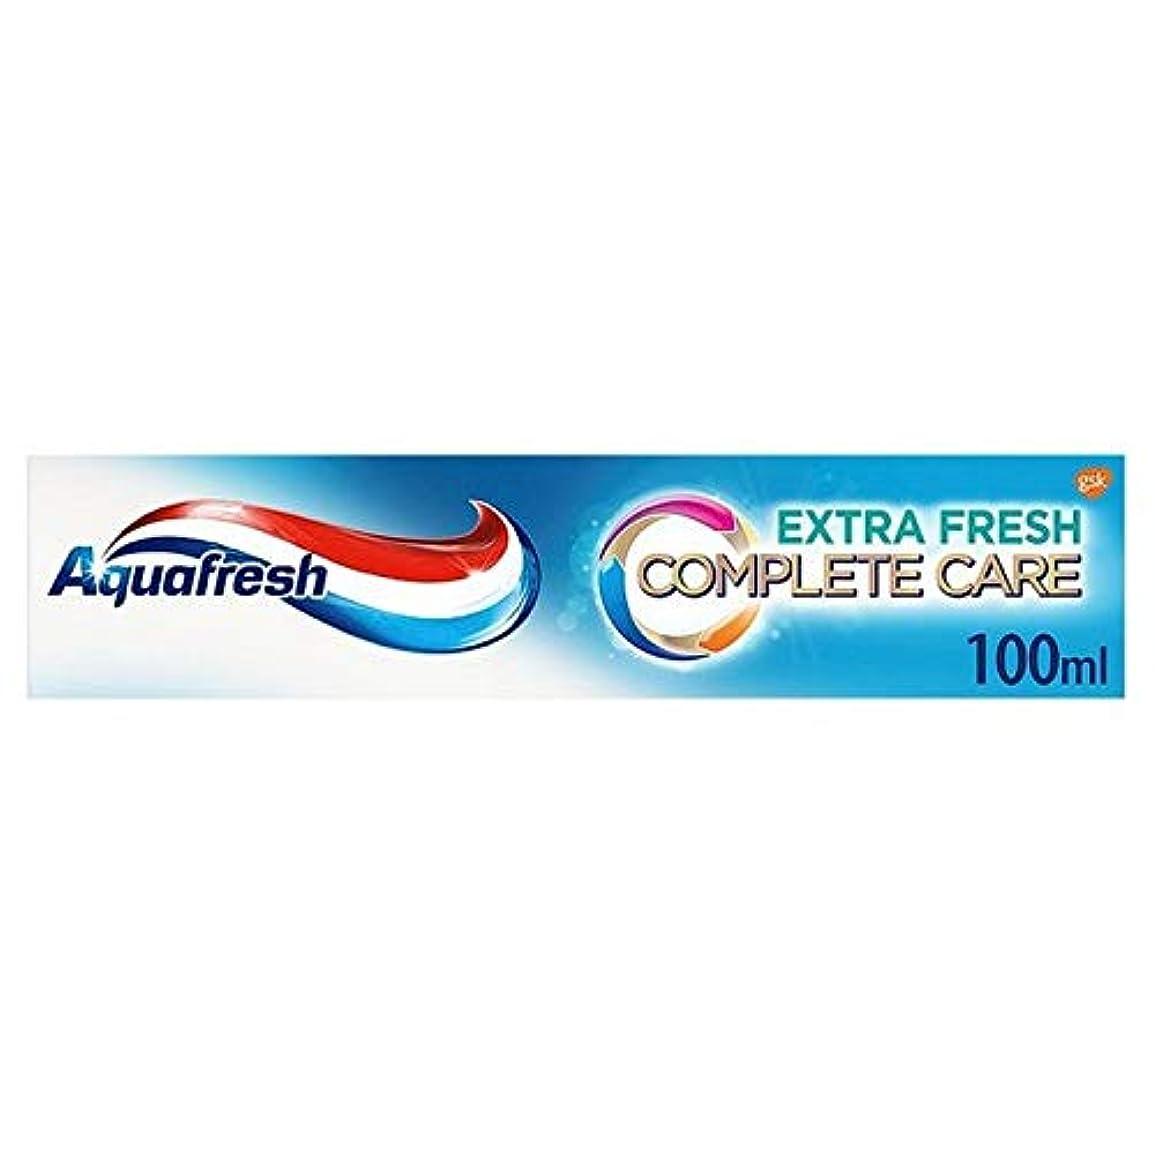 コイン計画ドーム[Aquafresh ] アクアフレッシュ完全なケアの余分な新鮮な歯磨き粉の100ミリリットル - Aquafresh Complete Care Extra Fresh Toothpaste 100ml [並行輸入品]